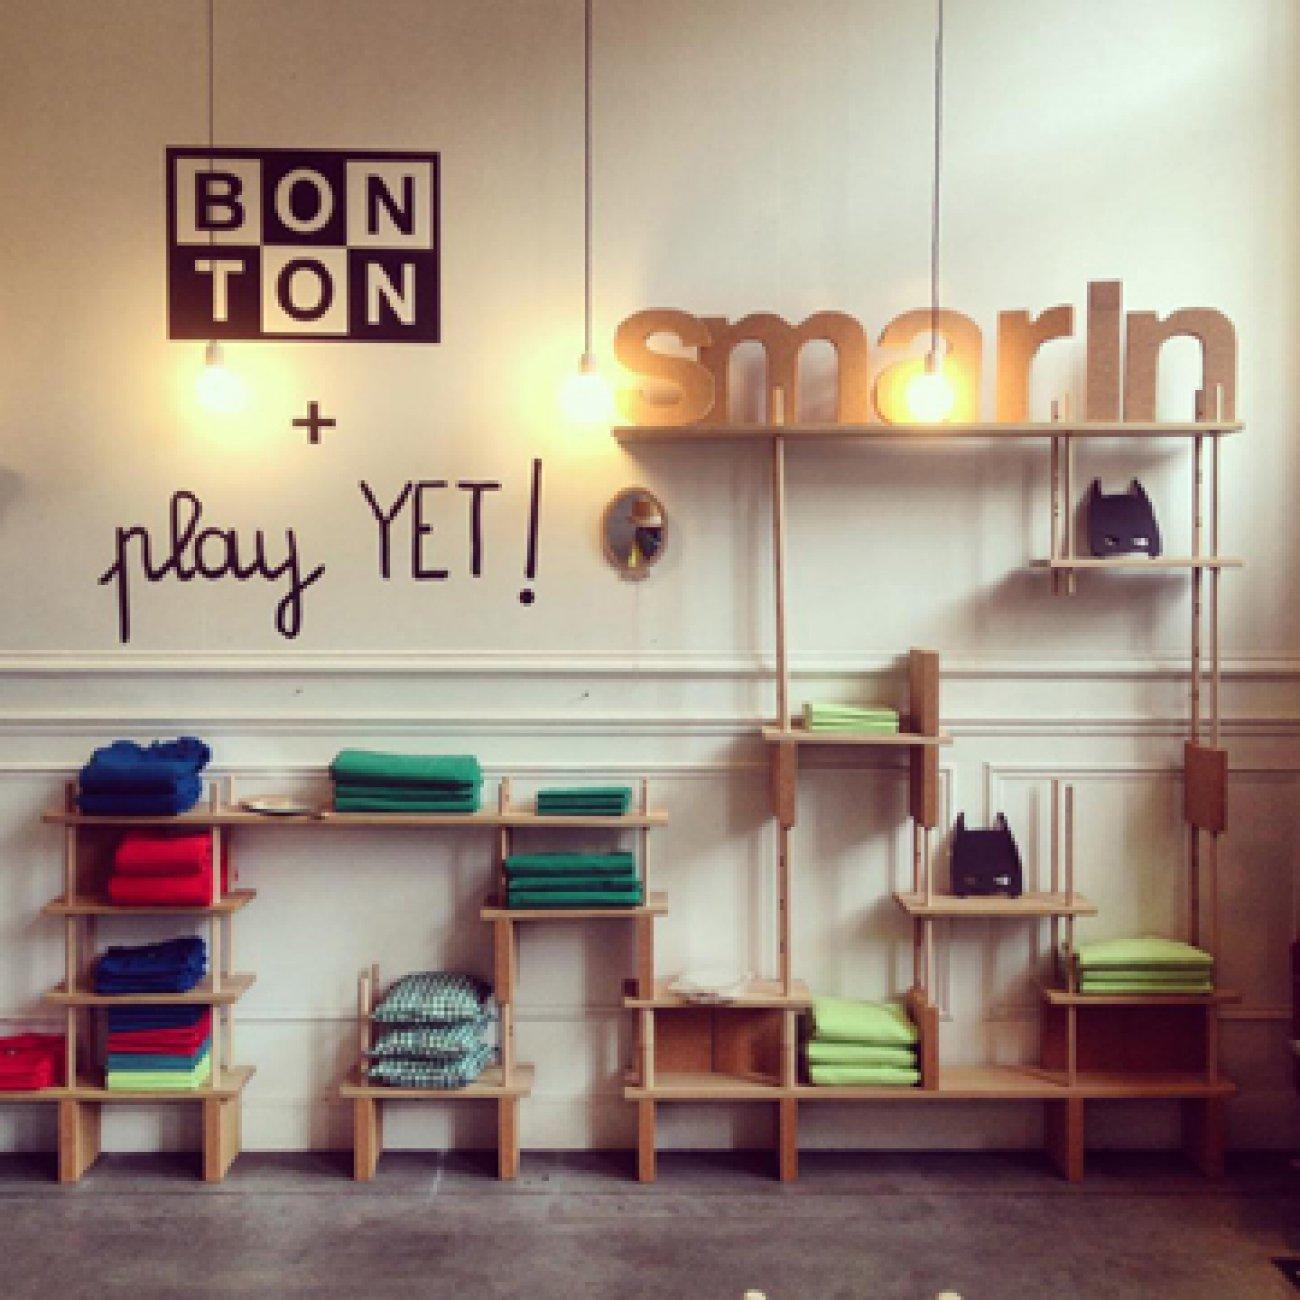 Boutique Bonton, Paris